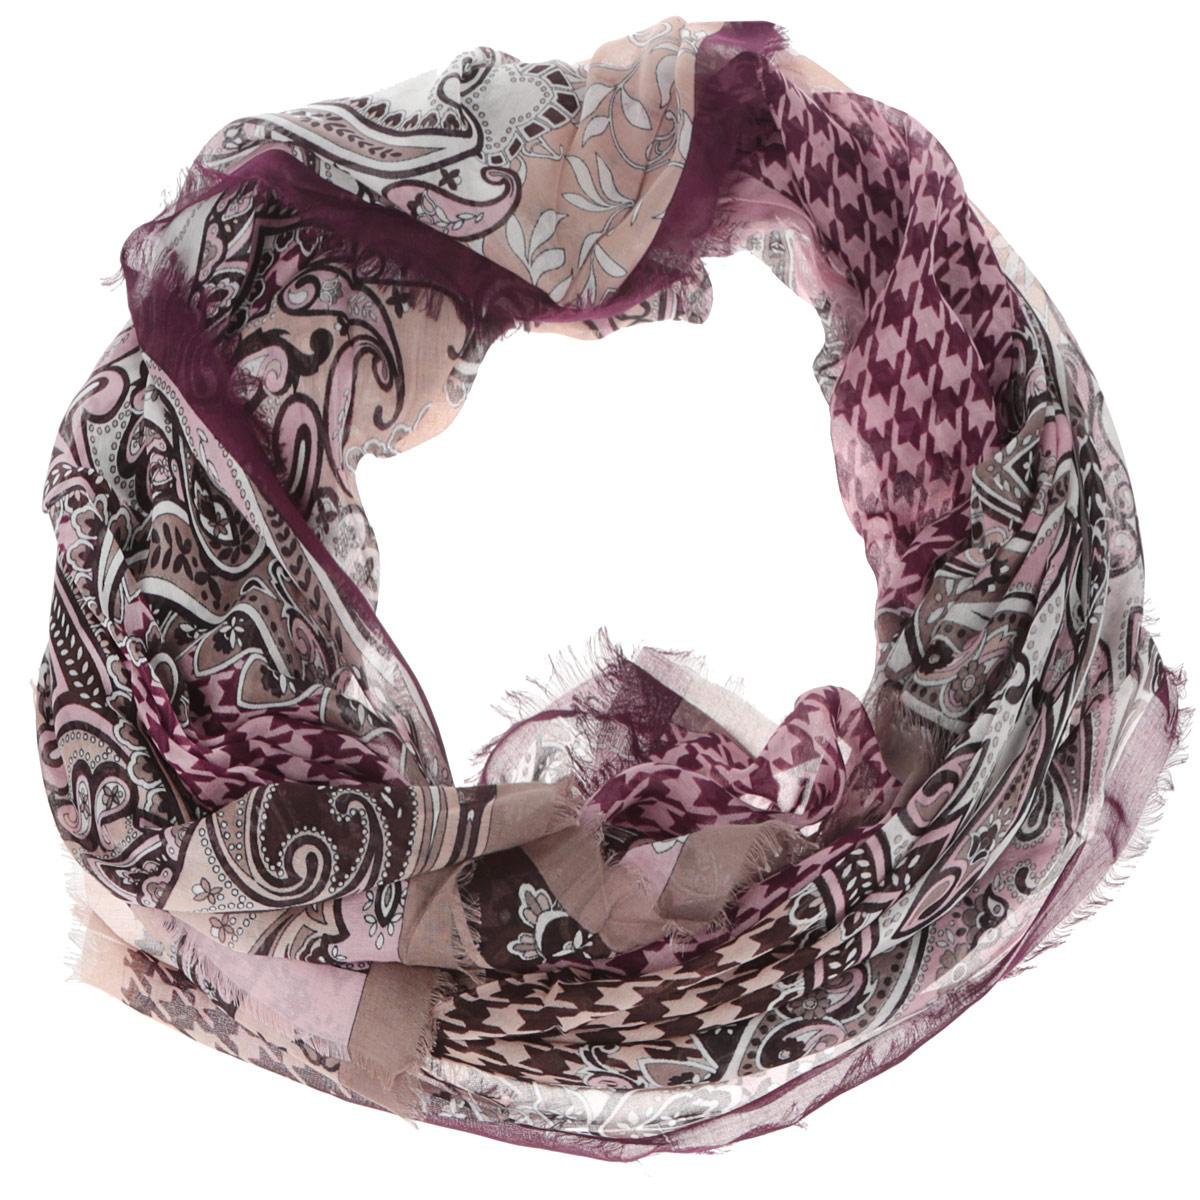 Шарф женский Leo Ventoni, цвет: сливовый, бежевый. CX1516-55-5. Размер 180 см х 90 смCX1516-55-5Модный женский шарф Leo Ventoni подарит вам уют и станет стильным аксессуаром, который призван подчеркнуть вашу индивидуальность и женственность. Тонкий шарф выполнен из высококачественного 100% модала, он невероятно мягкий и приятный на ощупь. Шарф оформлен тонкой бахромой по краю и украшен принтом в мелкую клетку с изображением изысканных этнических узоров.Этот модный аксессуар гармонично дополнит образ современной женщины, следящей за своим имиджем и стремящейся всегда оставаться стильной и элегантной. Такой шарф украсит любой наряд и согреет вас в непогоду, с ним вы всегда будете выглядеть изысканно и оригинально.